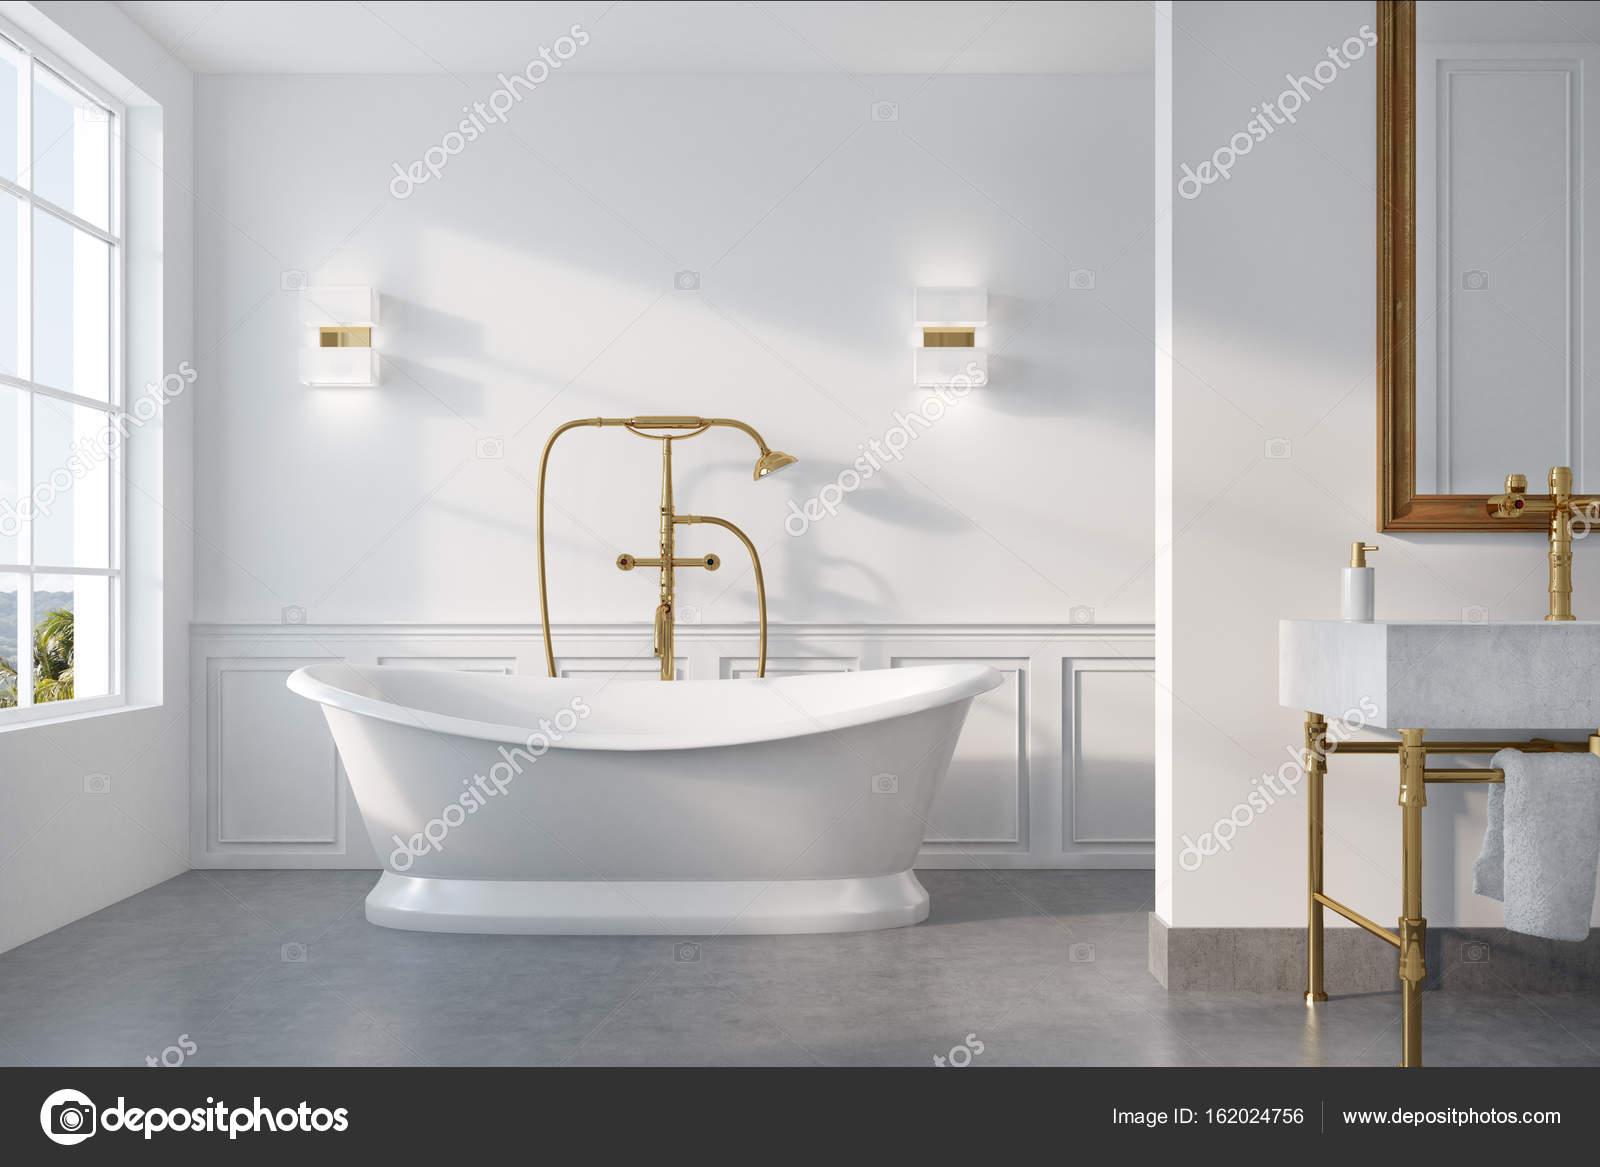 Vasche Da Bagno D Epoca : Devon devon le ultime innovative proposte per la sala da bagno